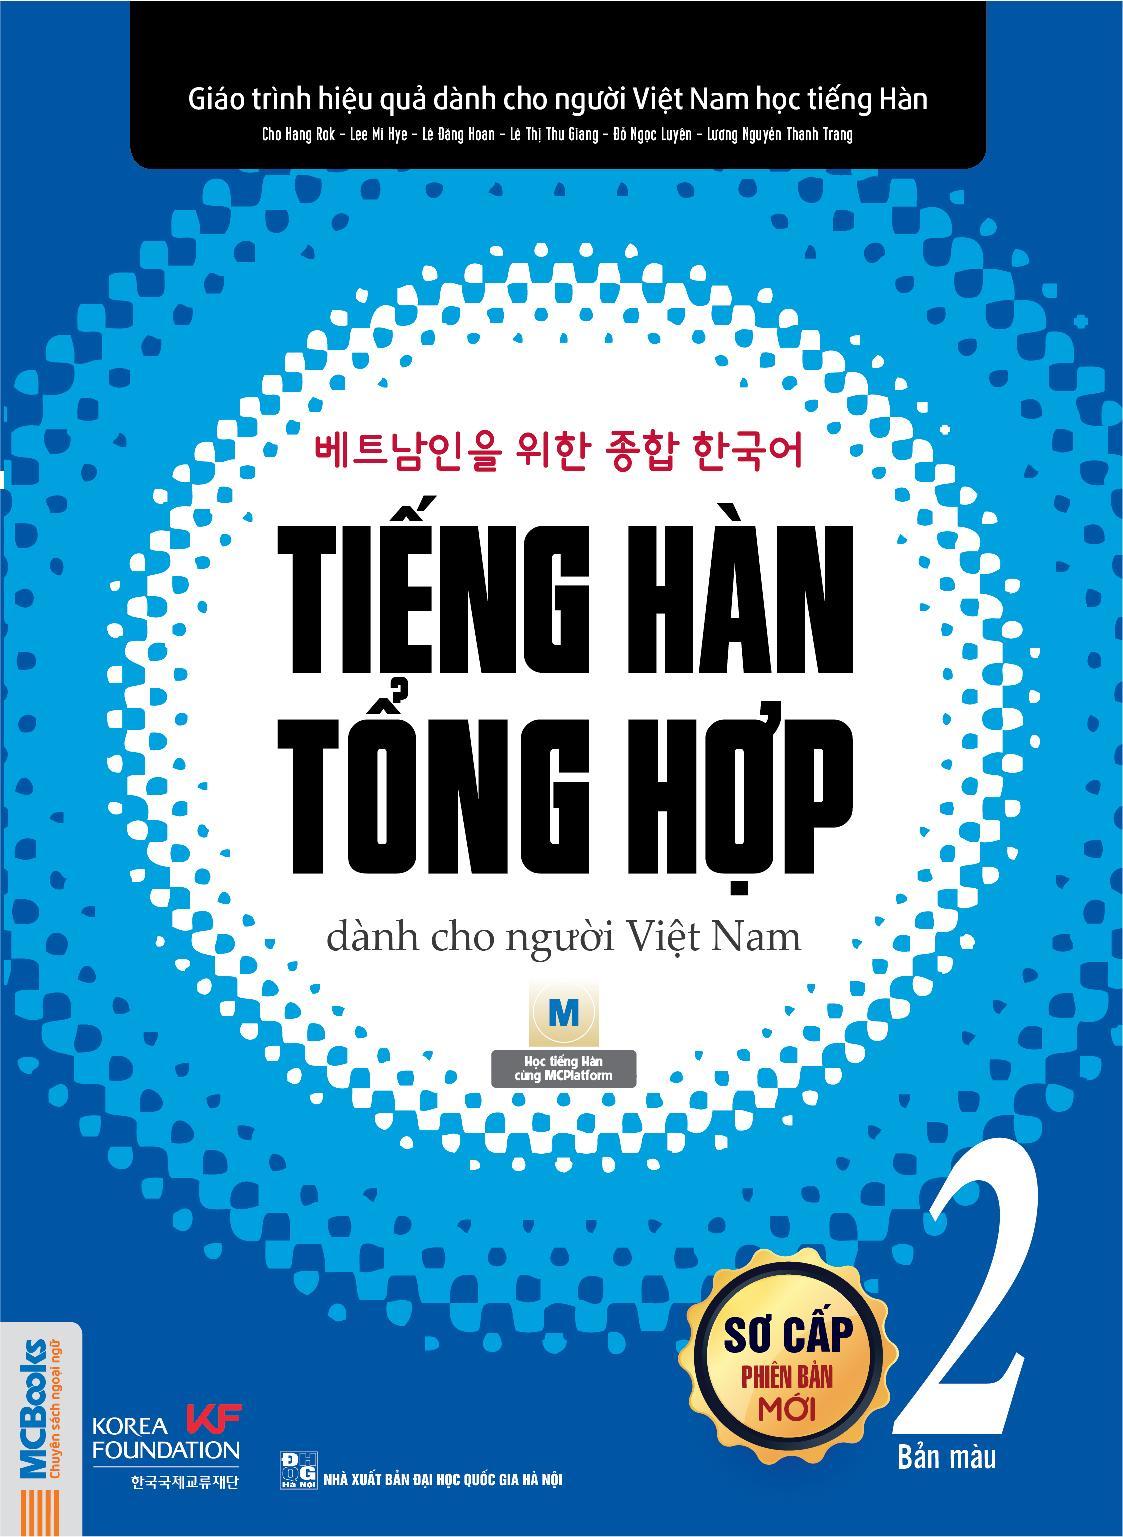 Sách trọn bộ tiếng hàn tổng hợp sơ cấp 2 dành cho người Việt Nam tặng sổ tay tiếng Hàn (Phiên bản màu)